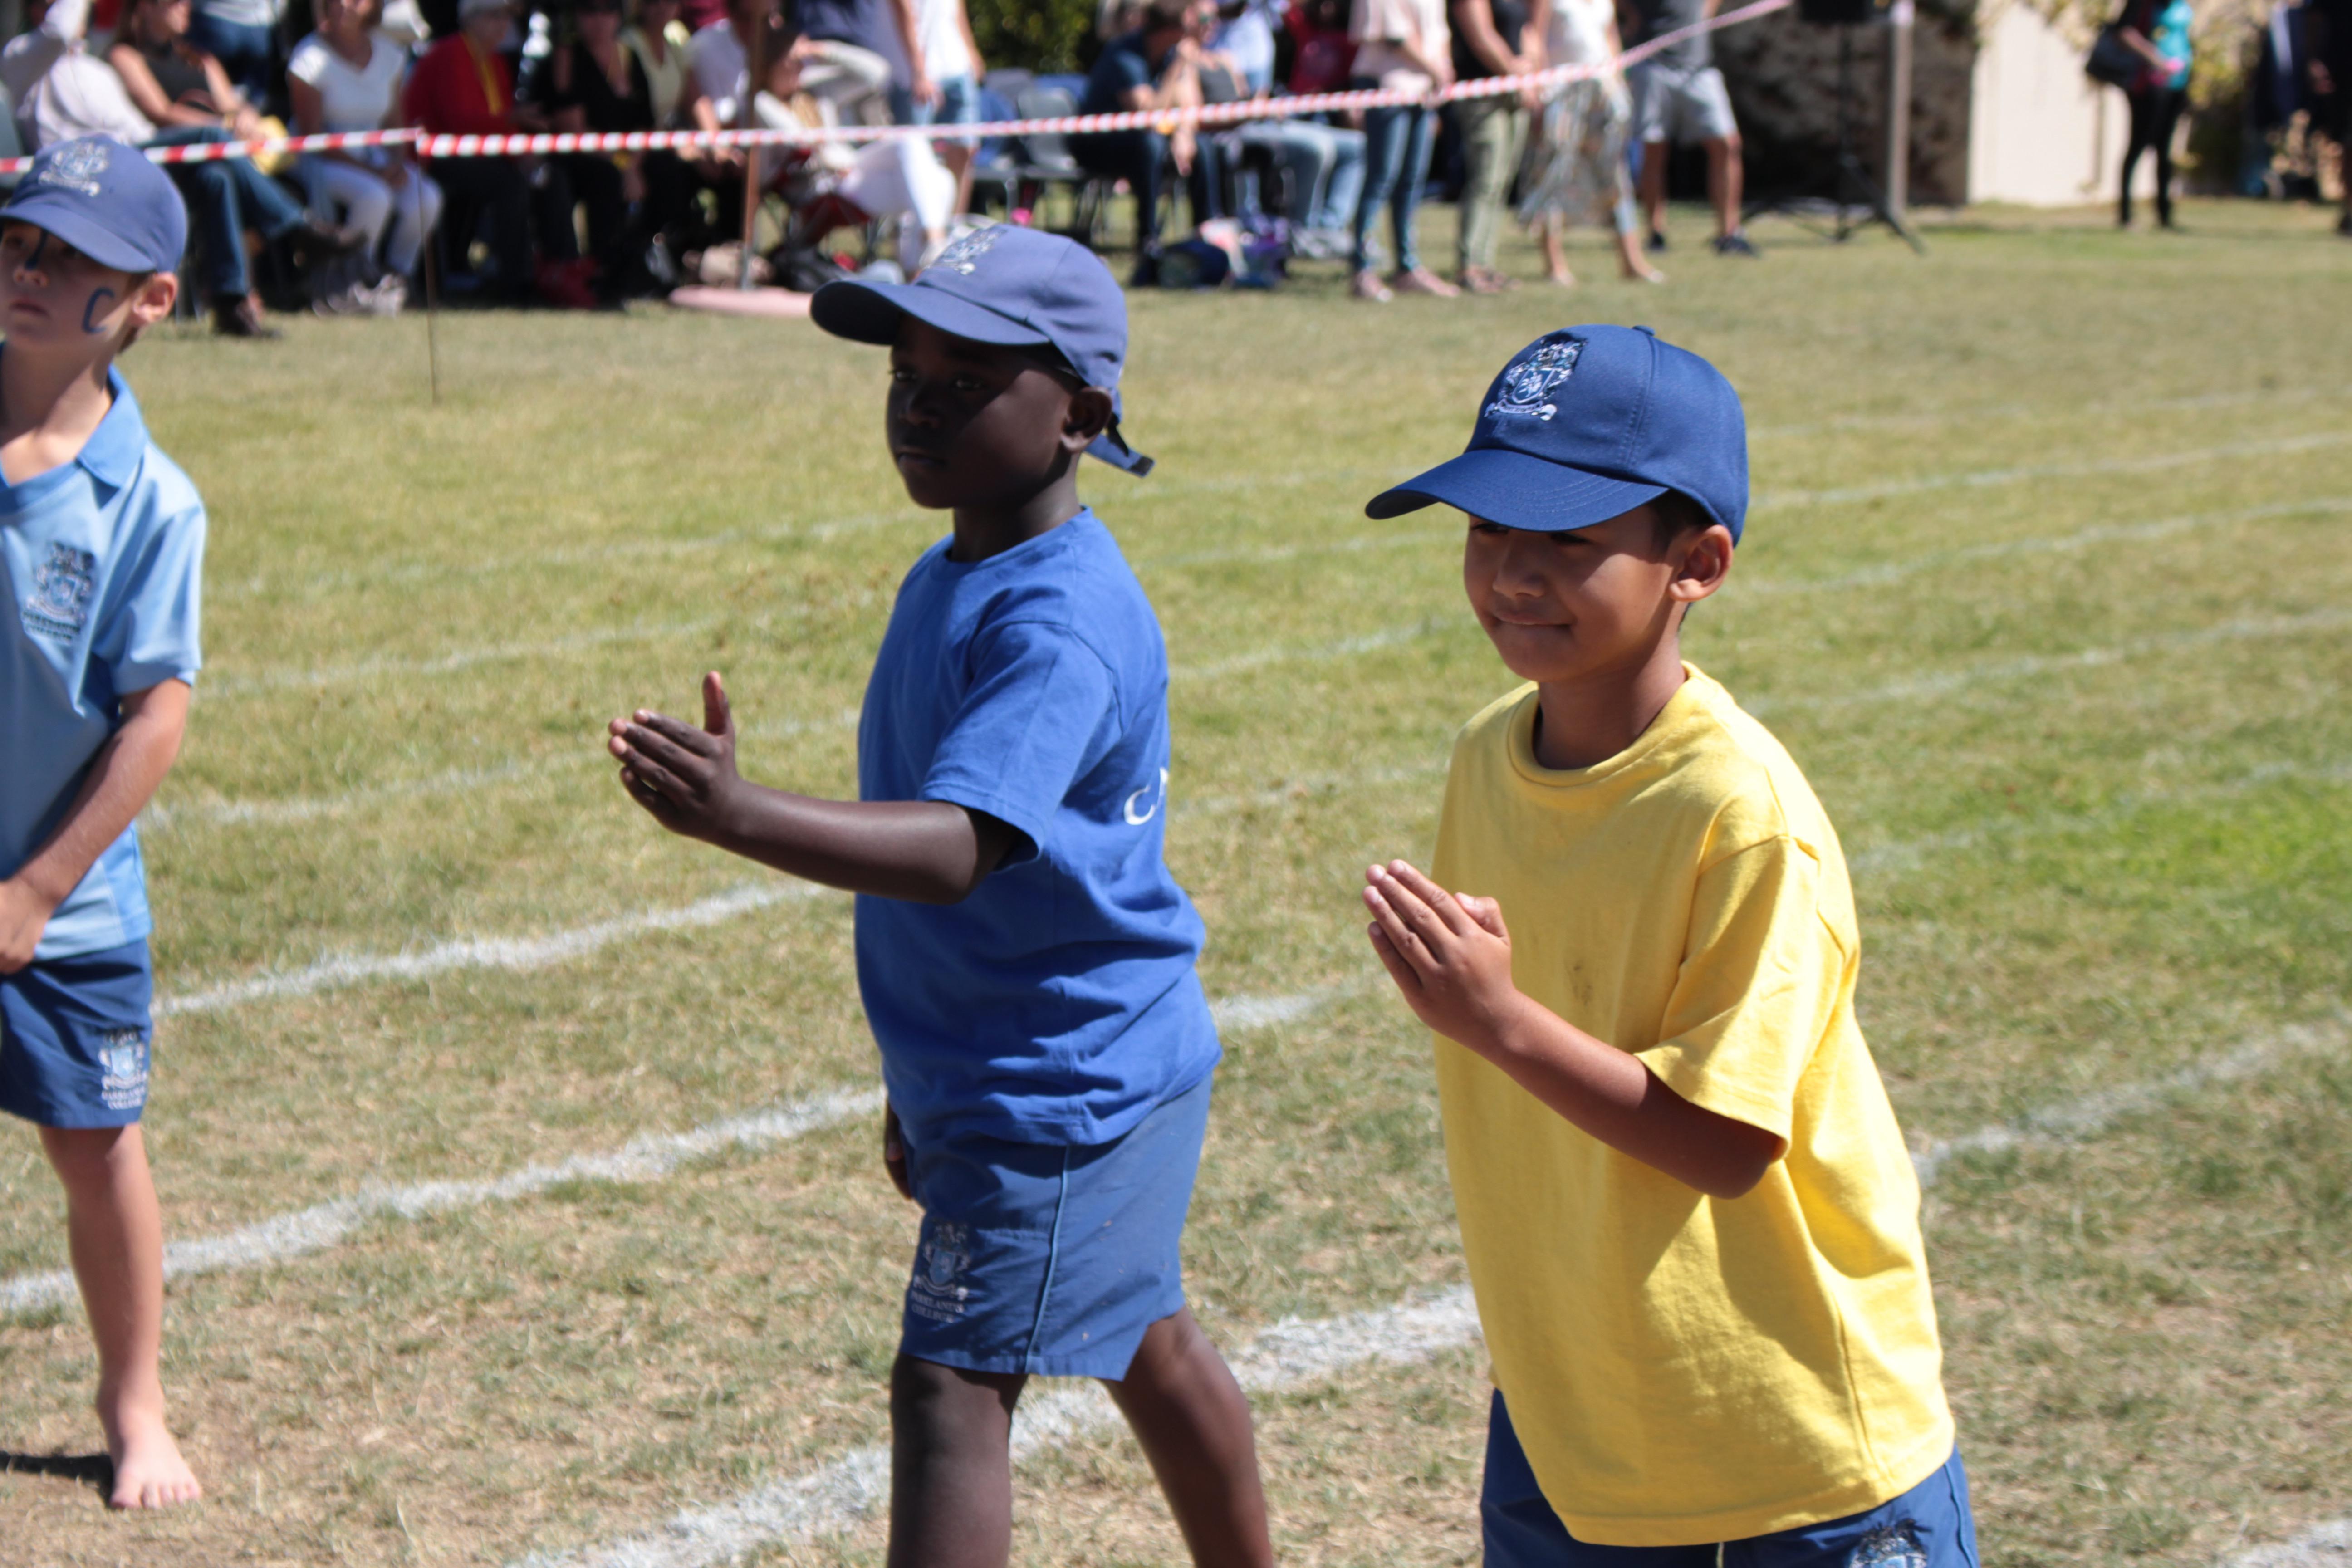 Parklands College Junior Preparatory Athletics 6